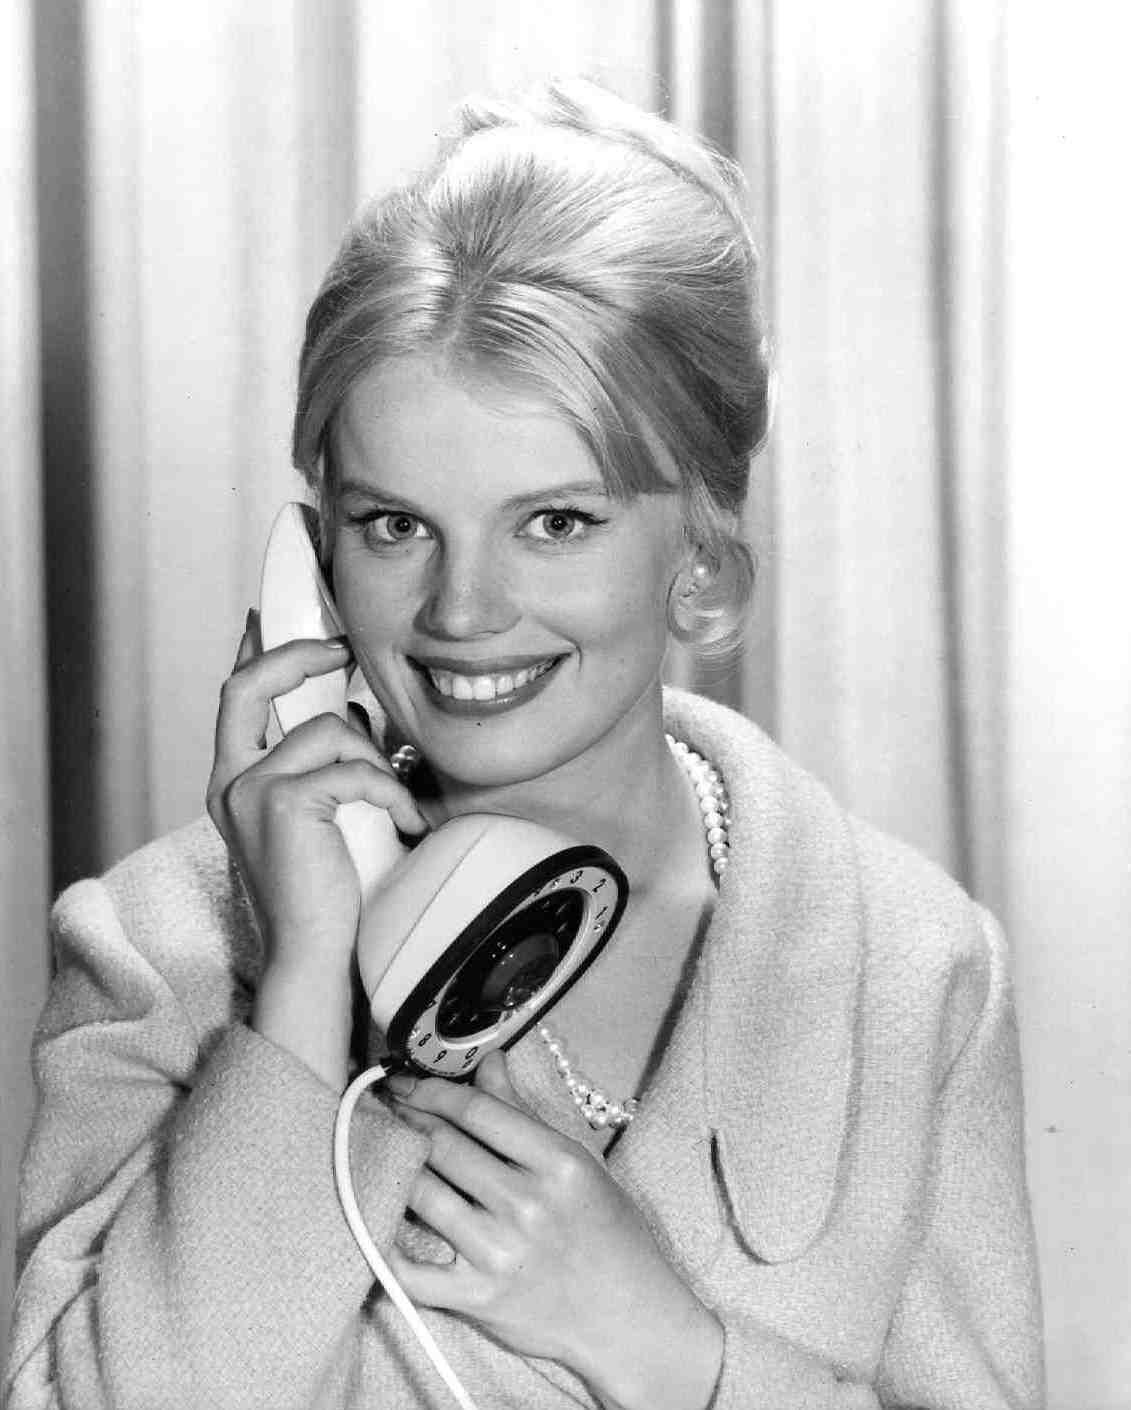 Marta Kristen talking on telephone